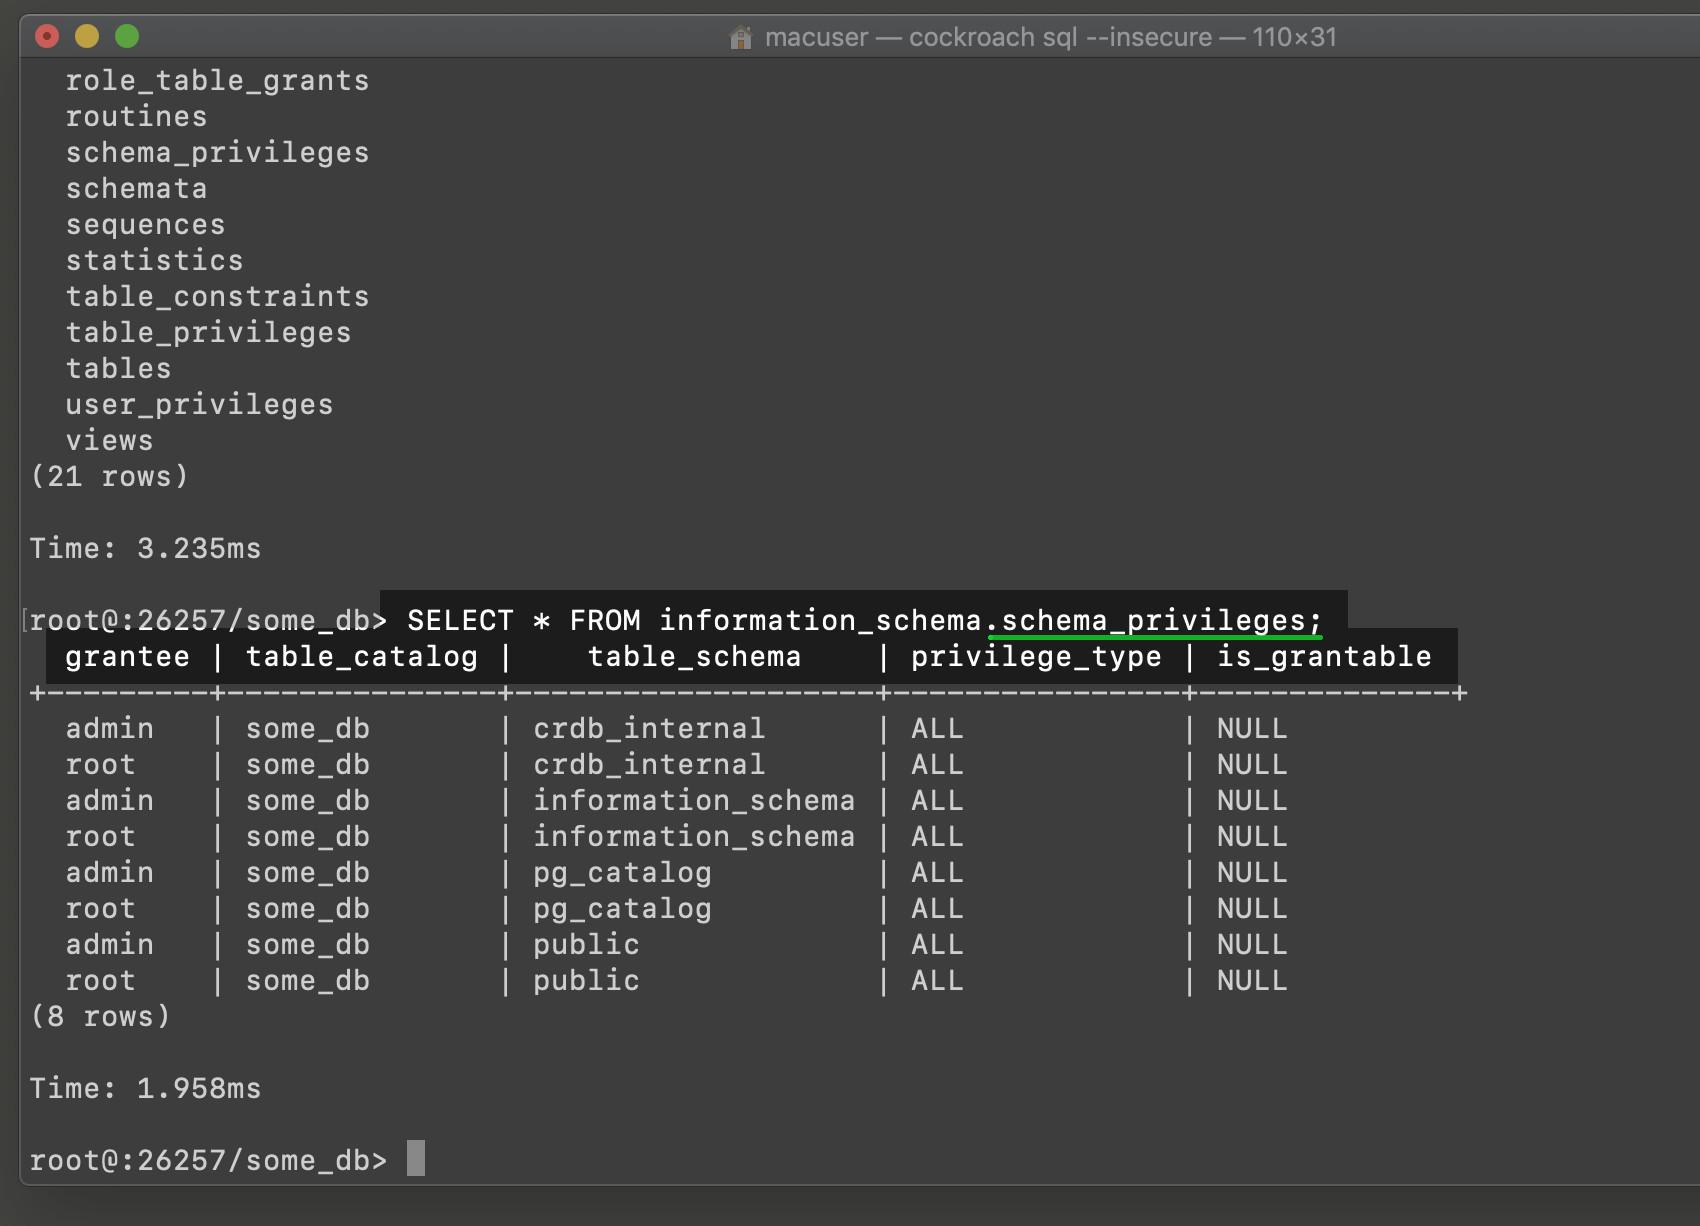 Screenshot of cockroachdb show table schema for information_schema schema_privileges